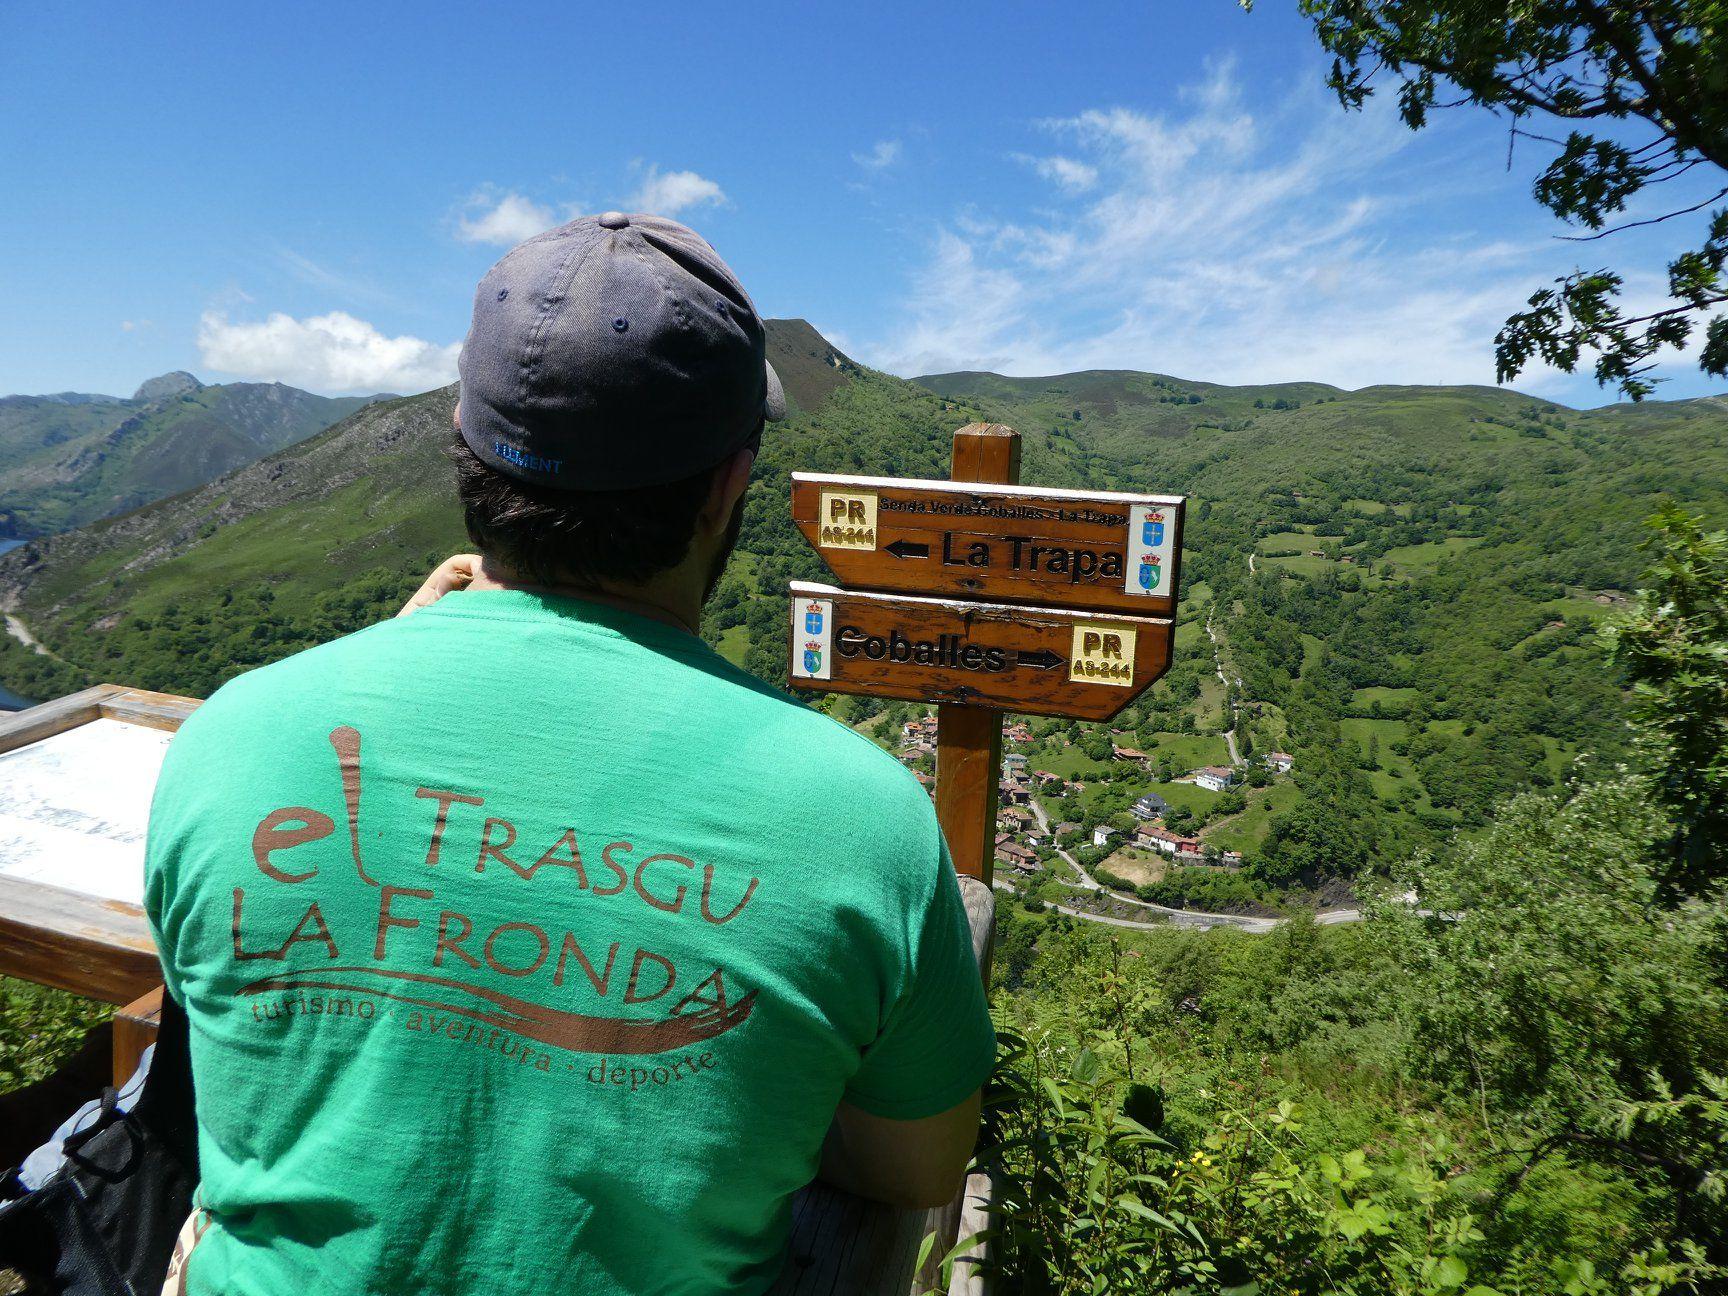 Turismo enológico Asturias